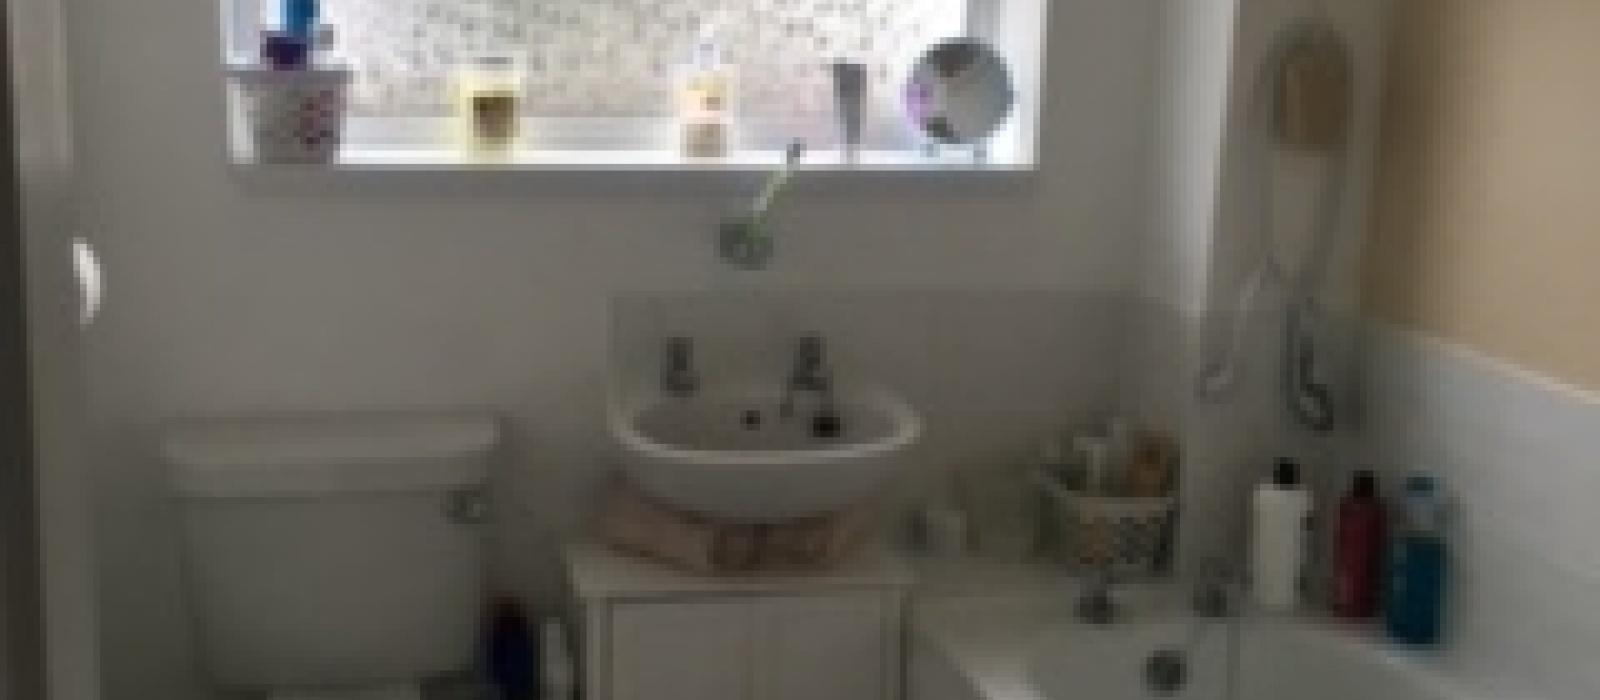 Northumberland Avenue,Hull,HU2 0LB,1 Bedroom Bedrooms,1 BathroomBathrooms,Apartment,Northumberland Avenue,1038